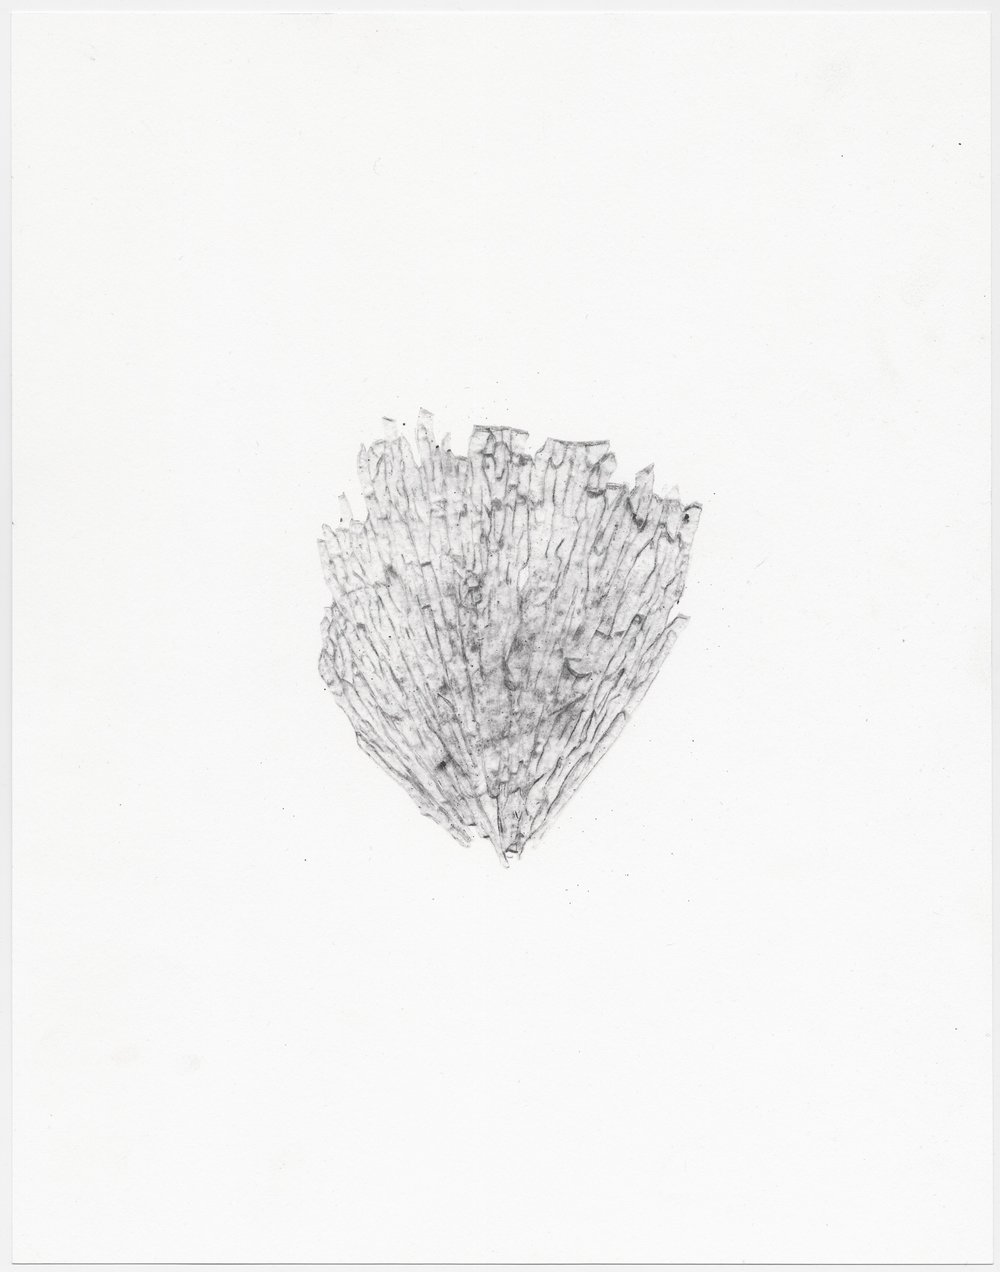 """© Sophie Jodoin, """"elle commence ici 18"""", graphite et transfert carbone sur papier Stonehenge, 35,5 x 28 cm, 2018. Courtesy Galerie C"""